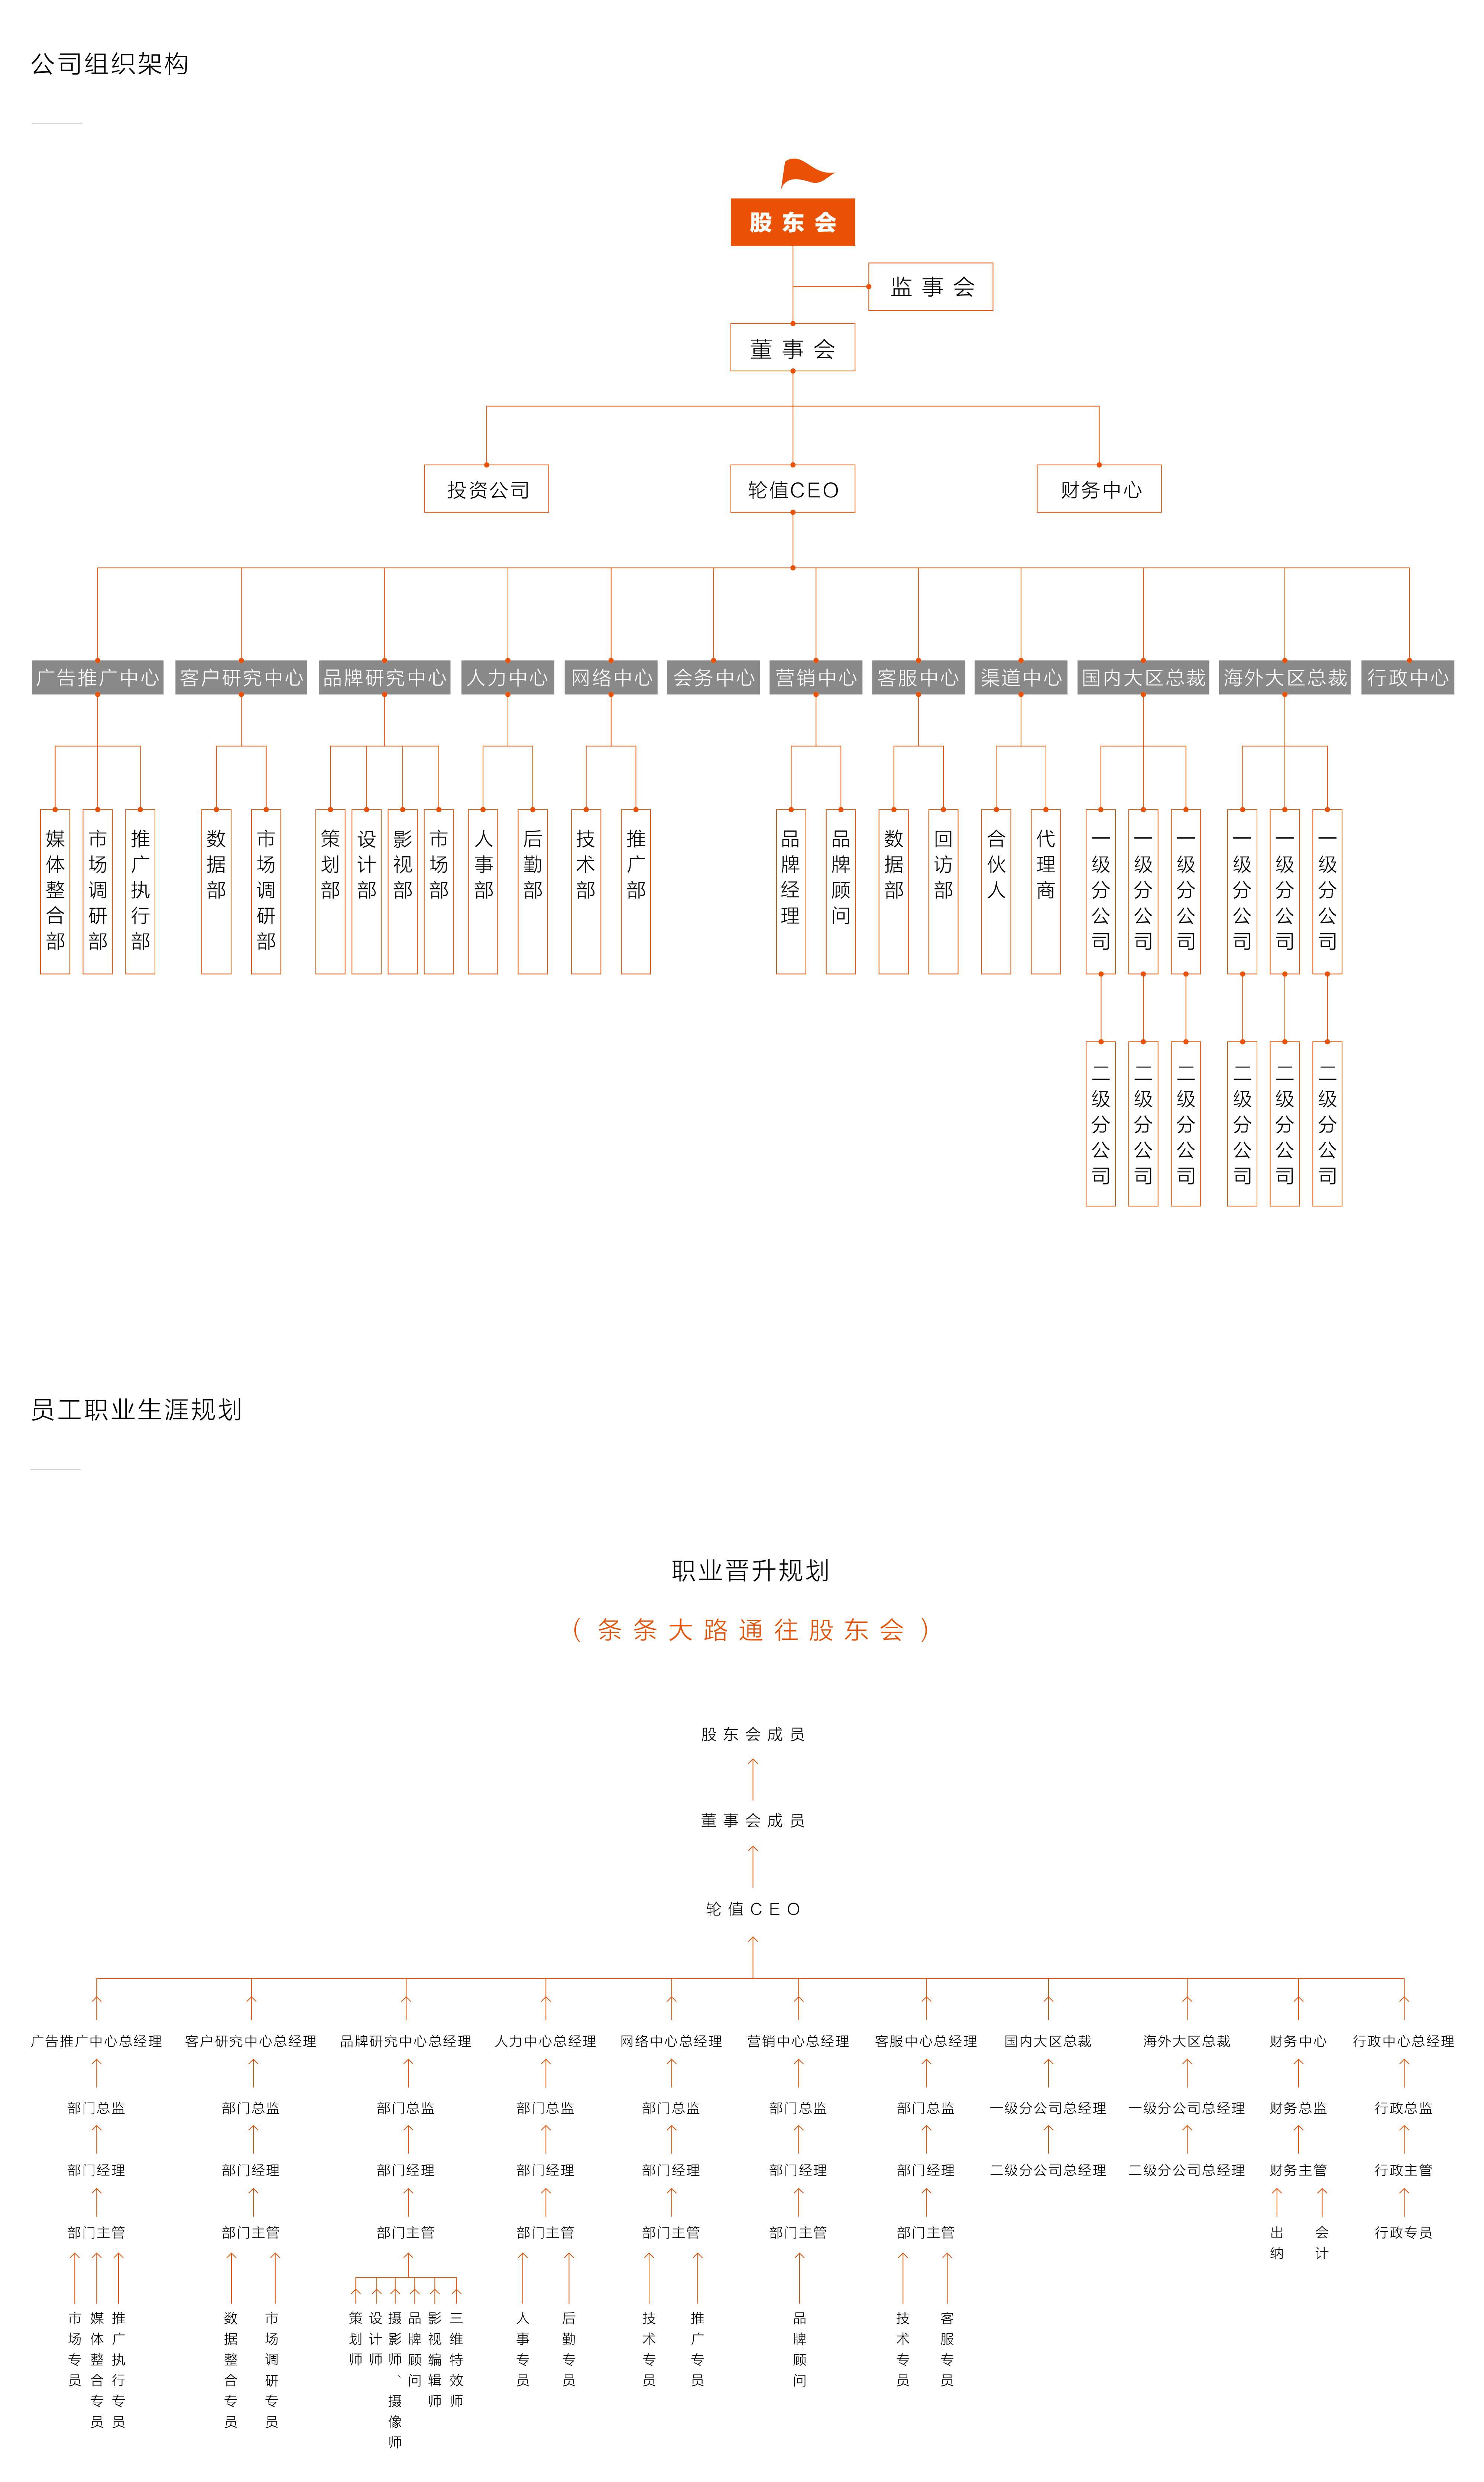 招聘【公司架構】-01-1.jpg